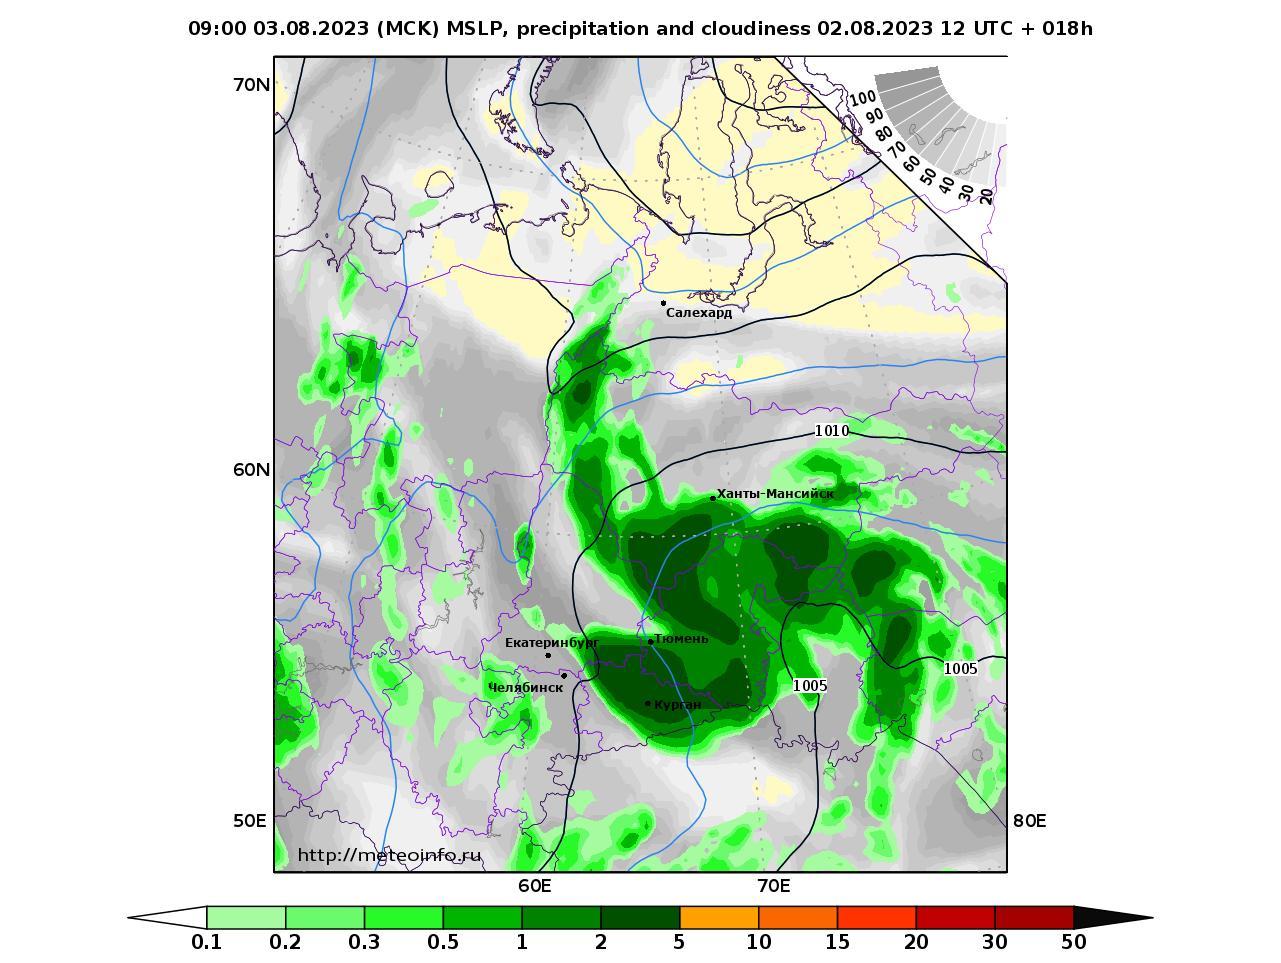 Уральский Федеральный округ, прогностическая карта осадки и давление, заблаговременность прогноза 18 часов